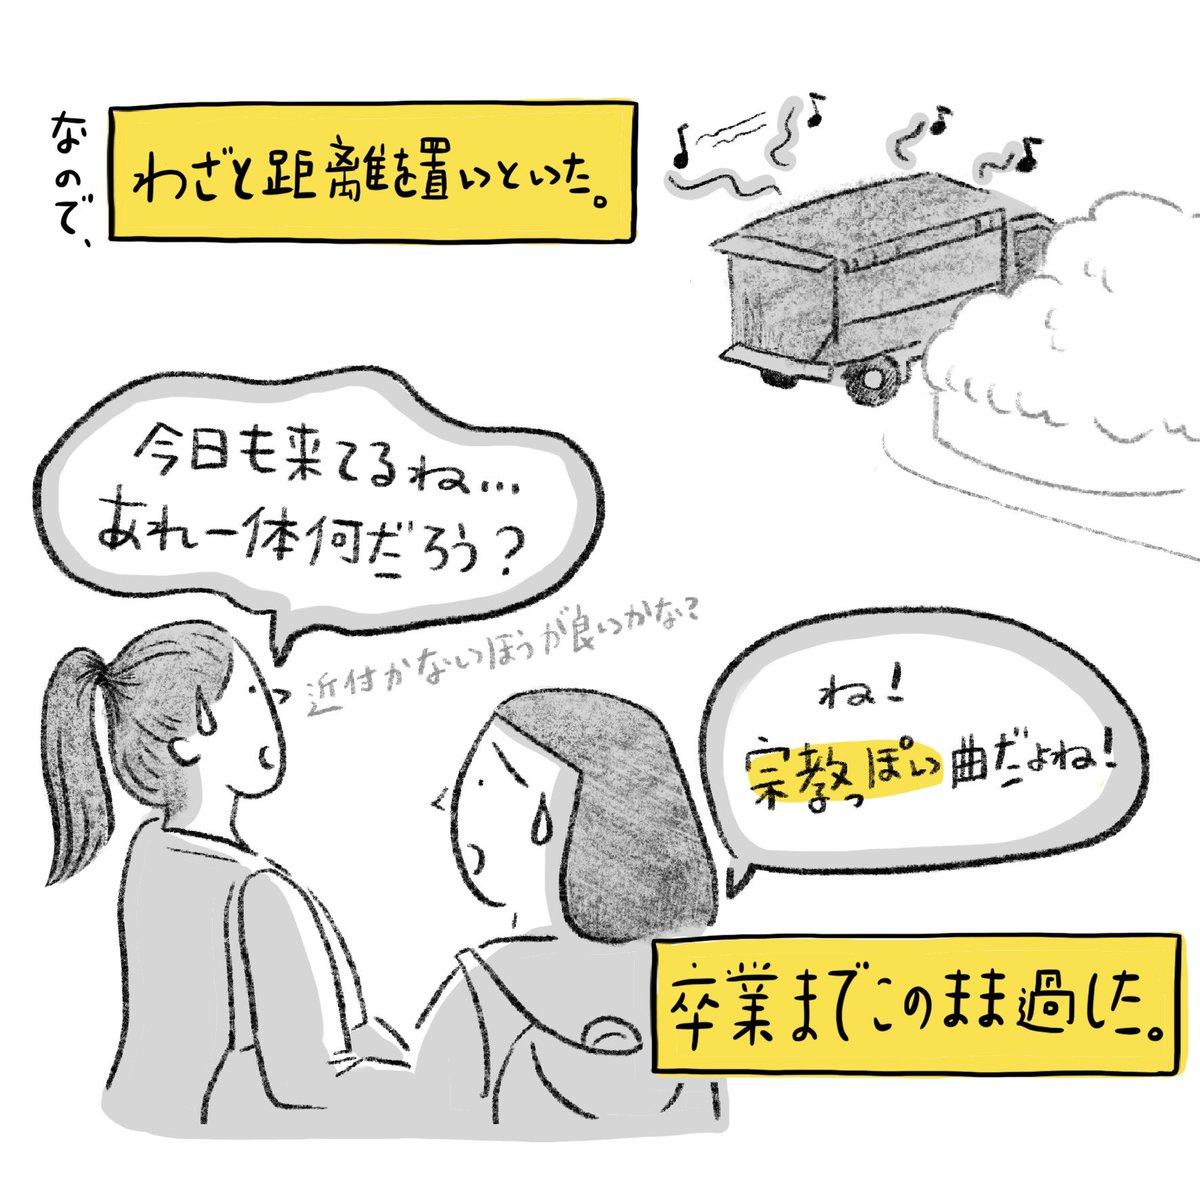 Kyo Kaiさんの投稿画像